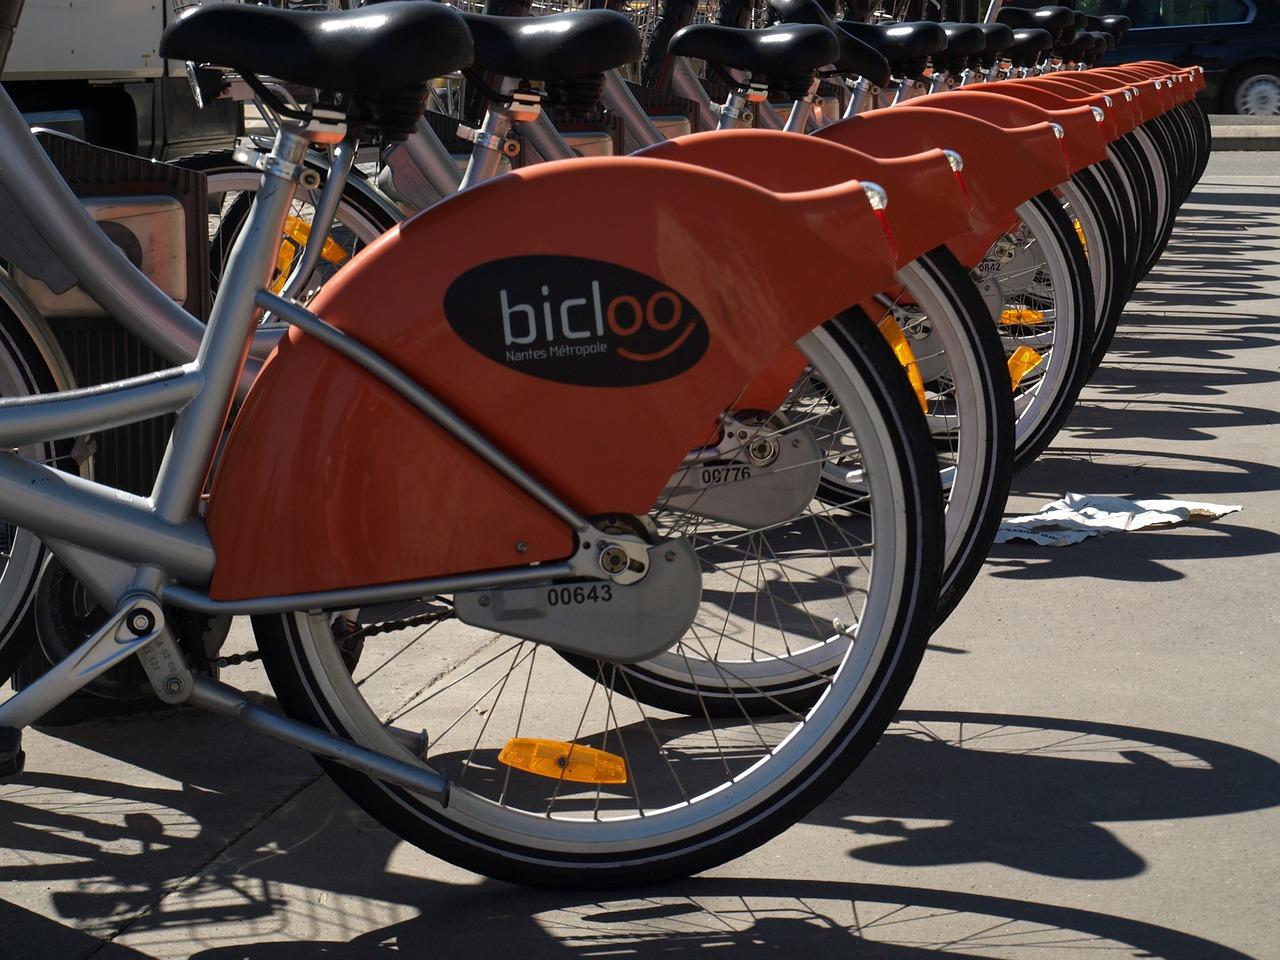 Bicloo Nantes vélo abonnement